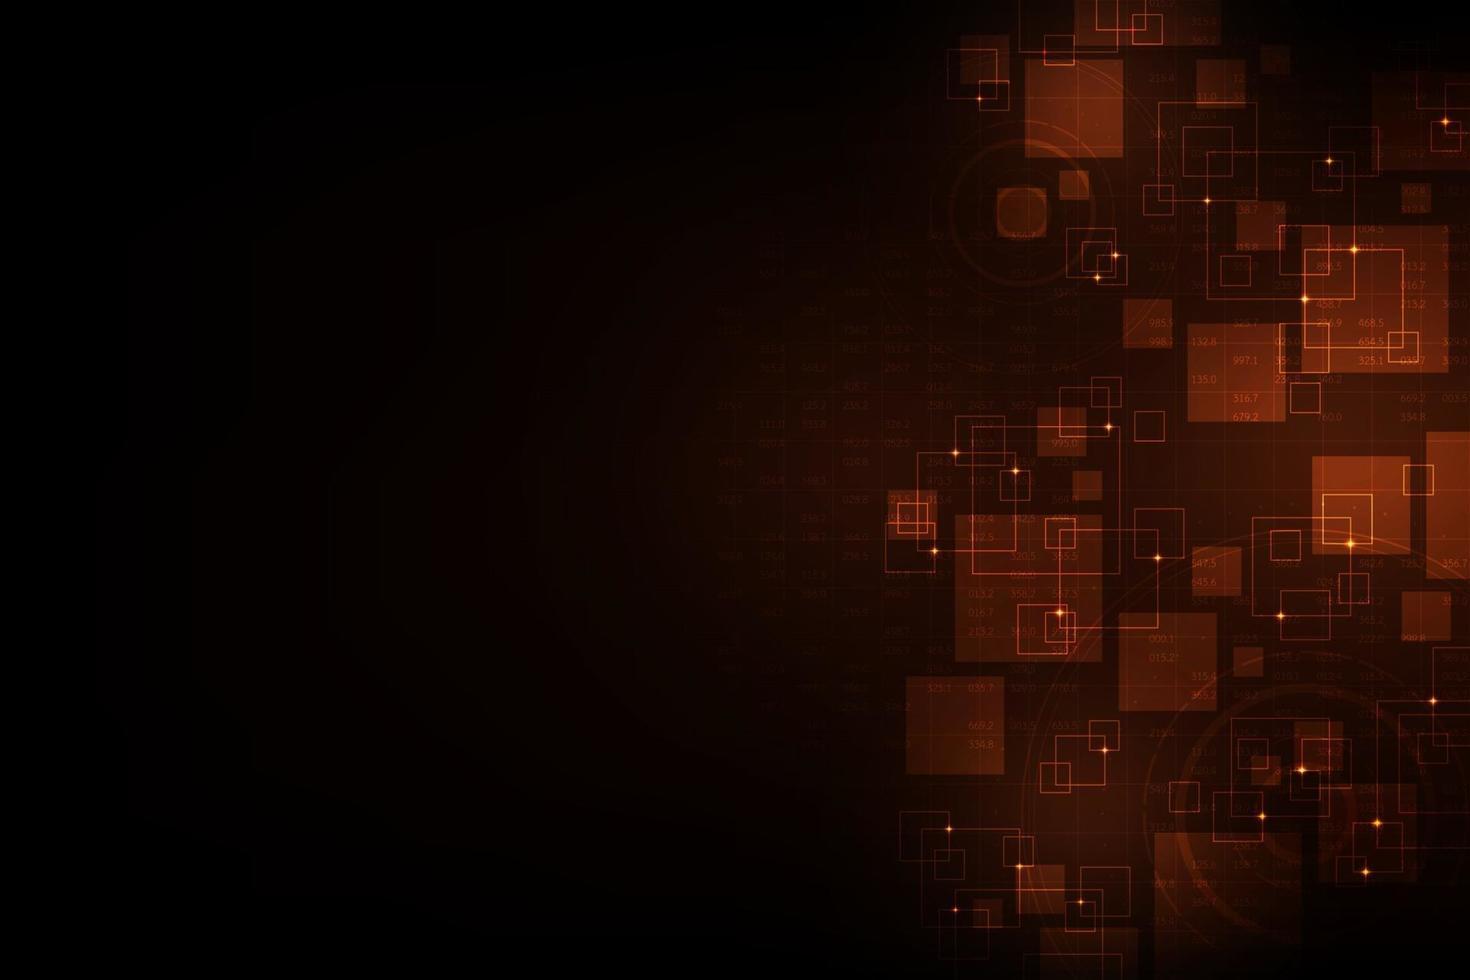 gegevens en digitale systemen abstracte achtergrond vector